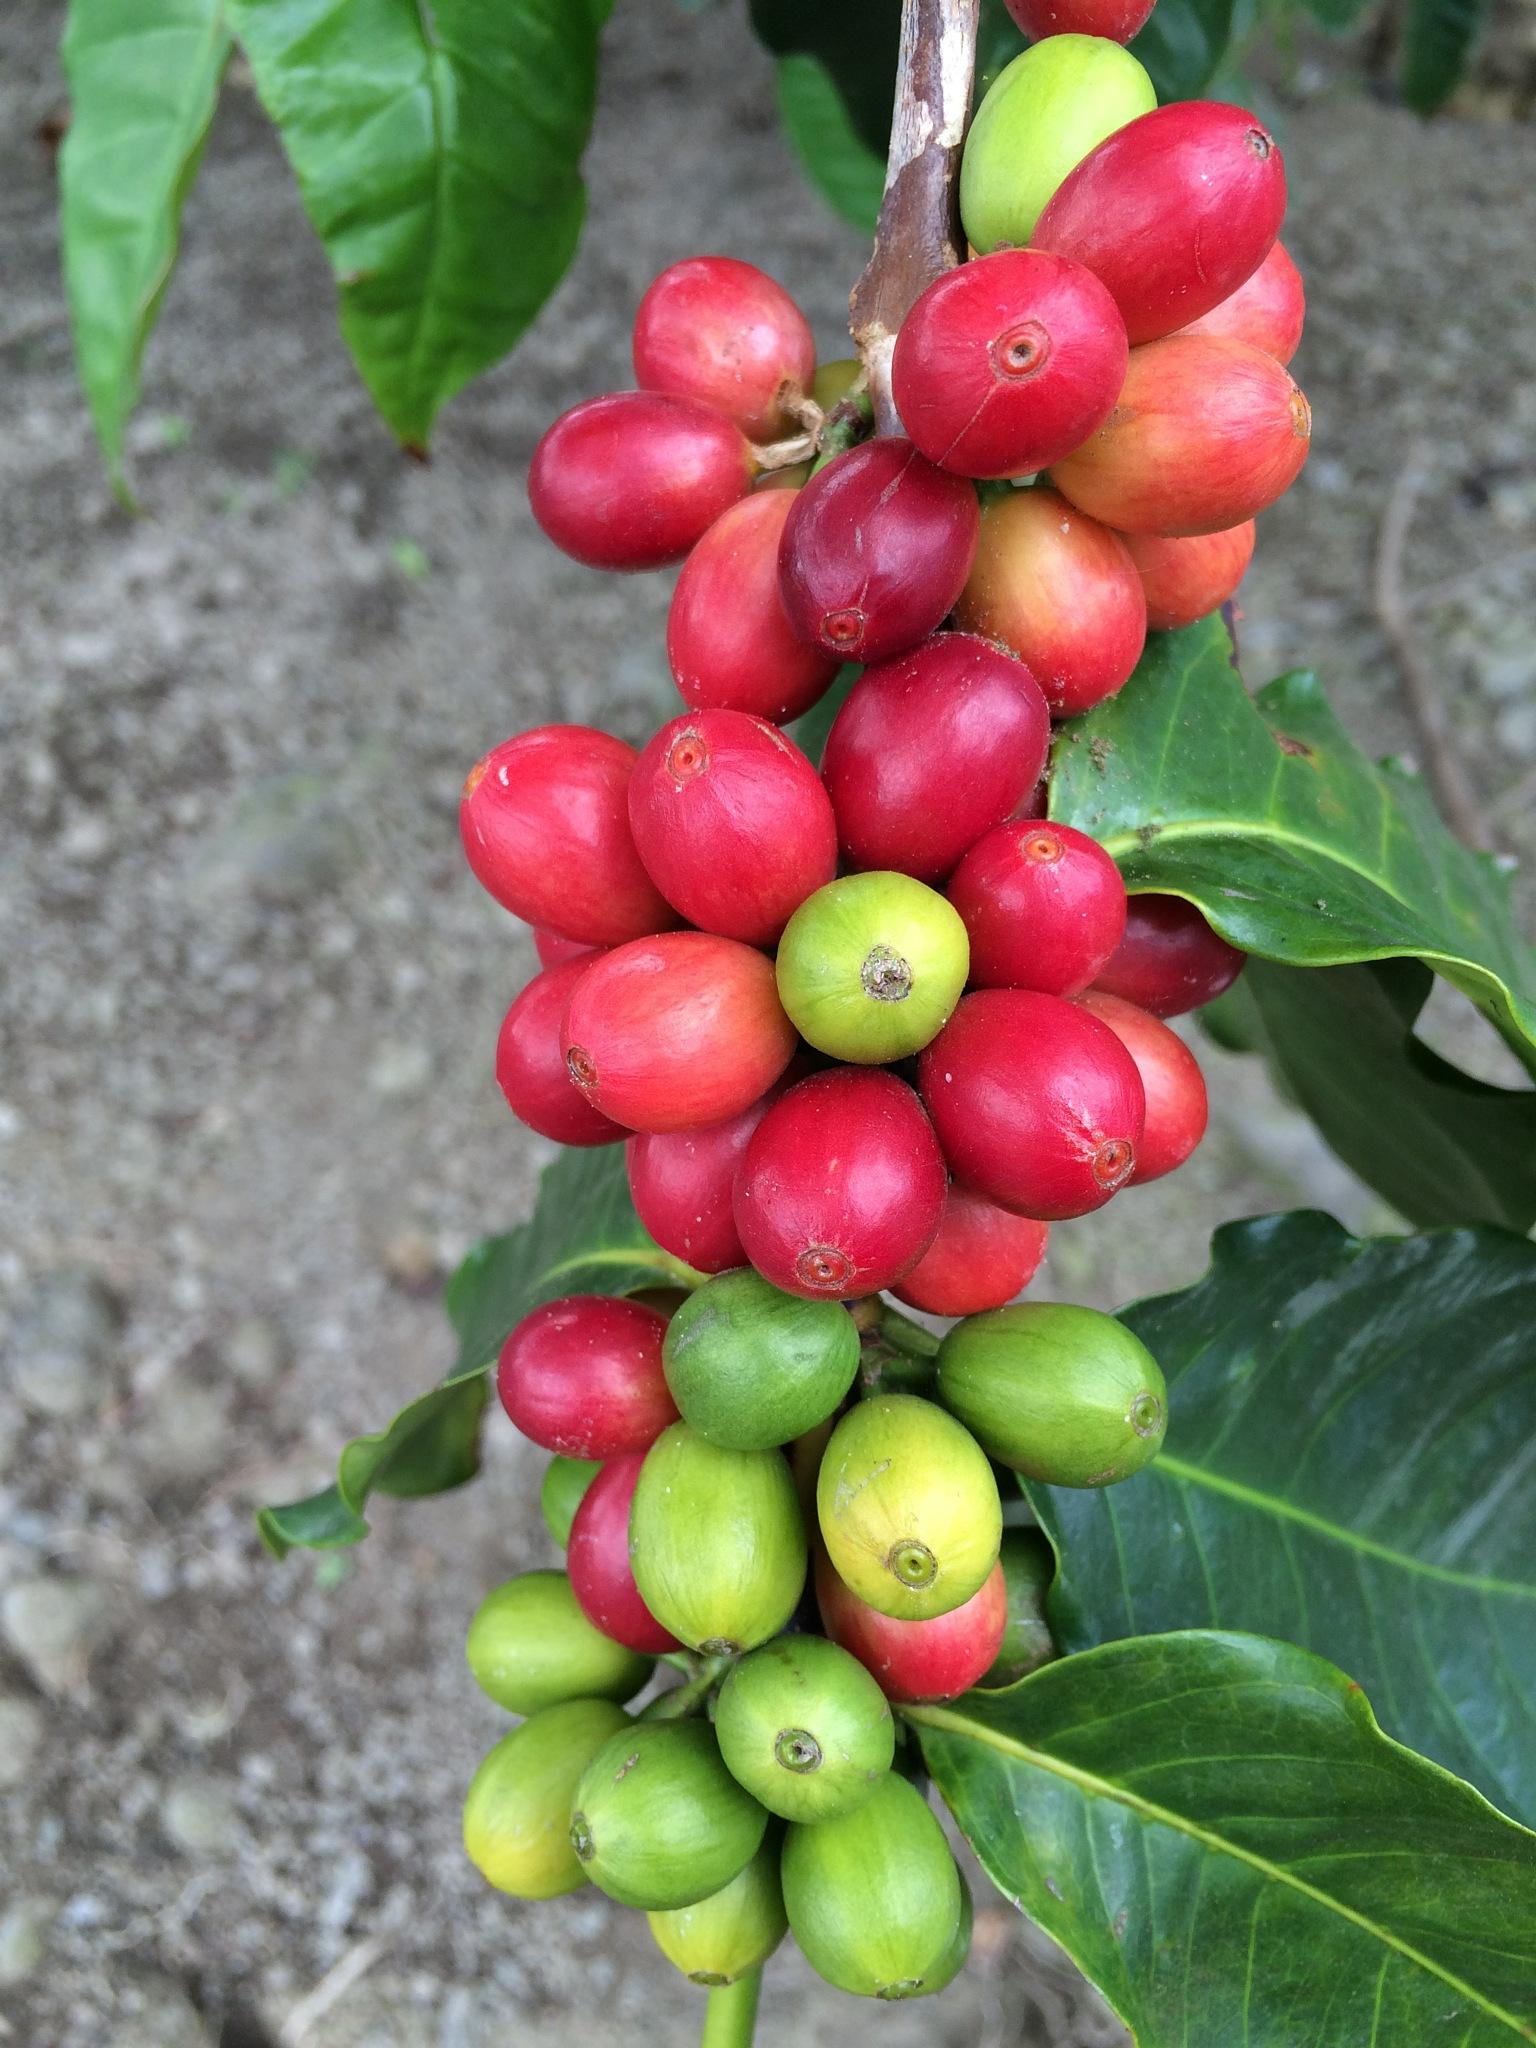 Kona Coffee by gstyer